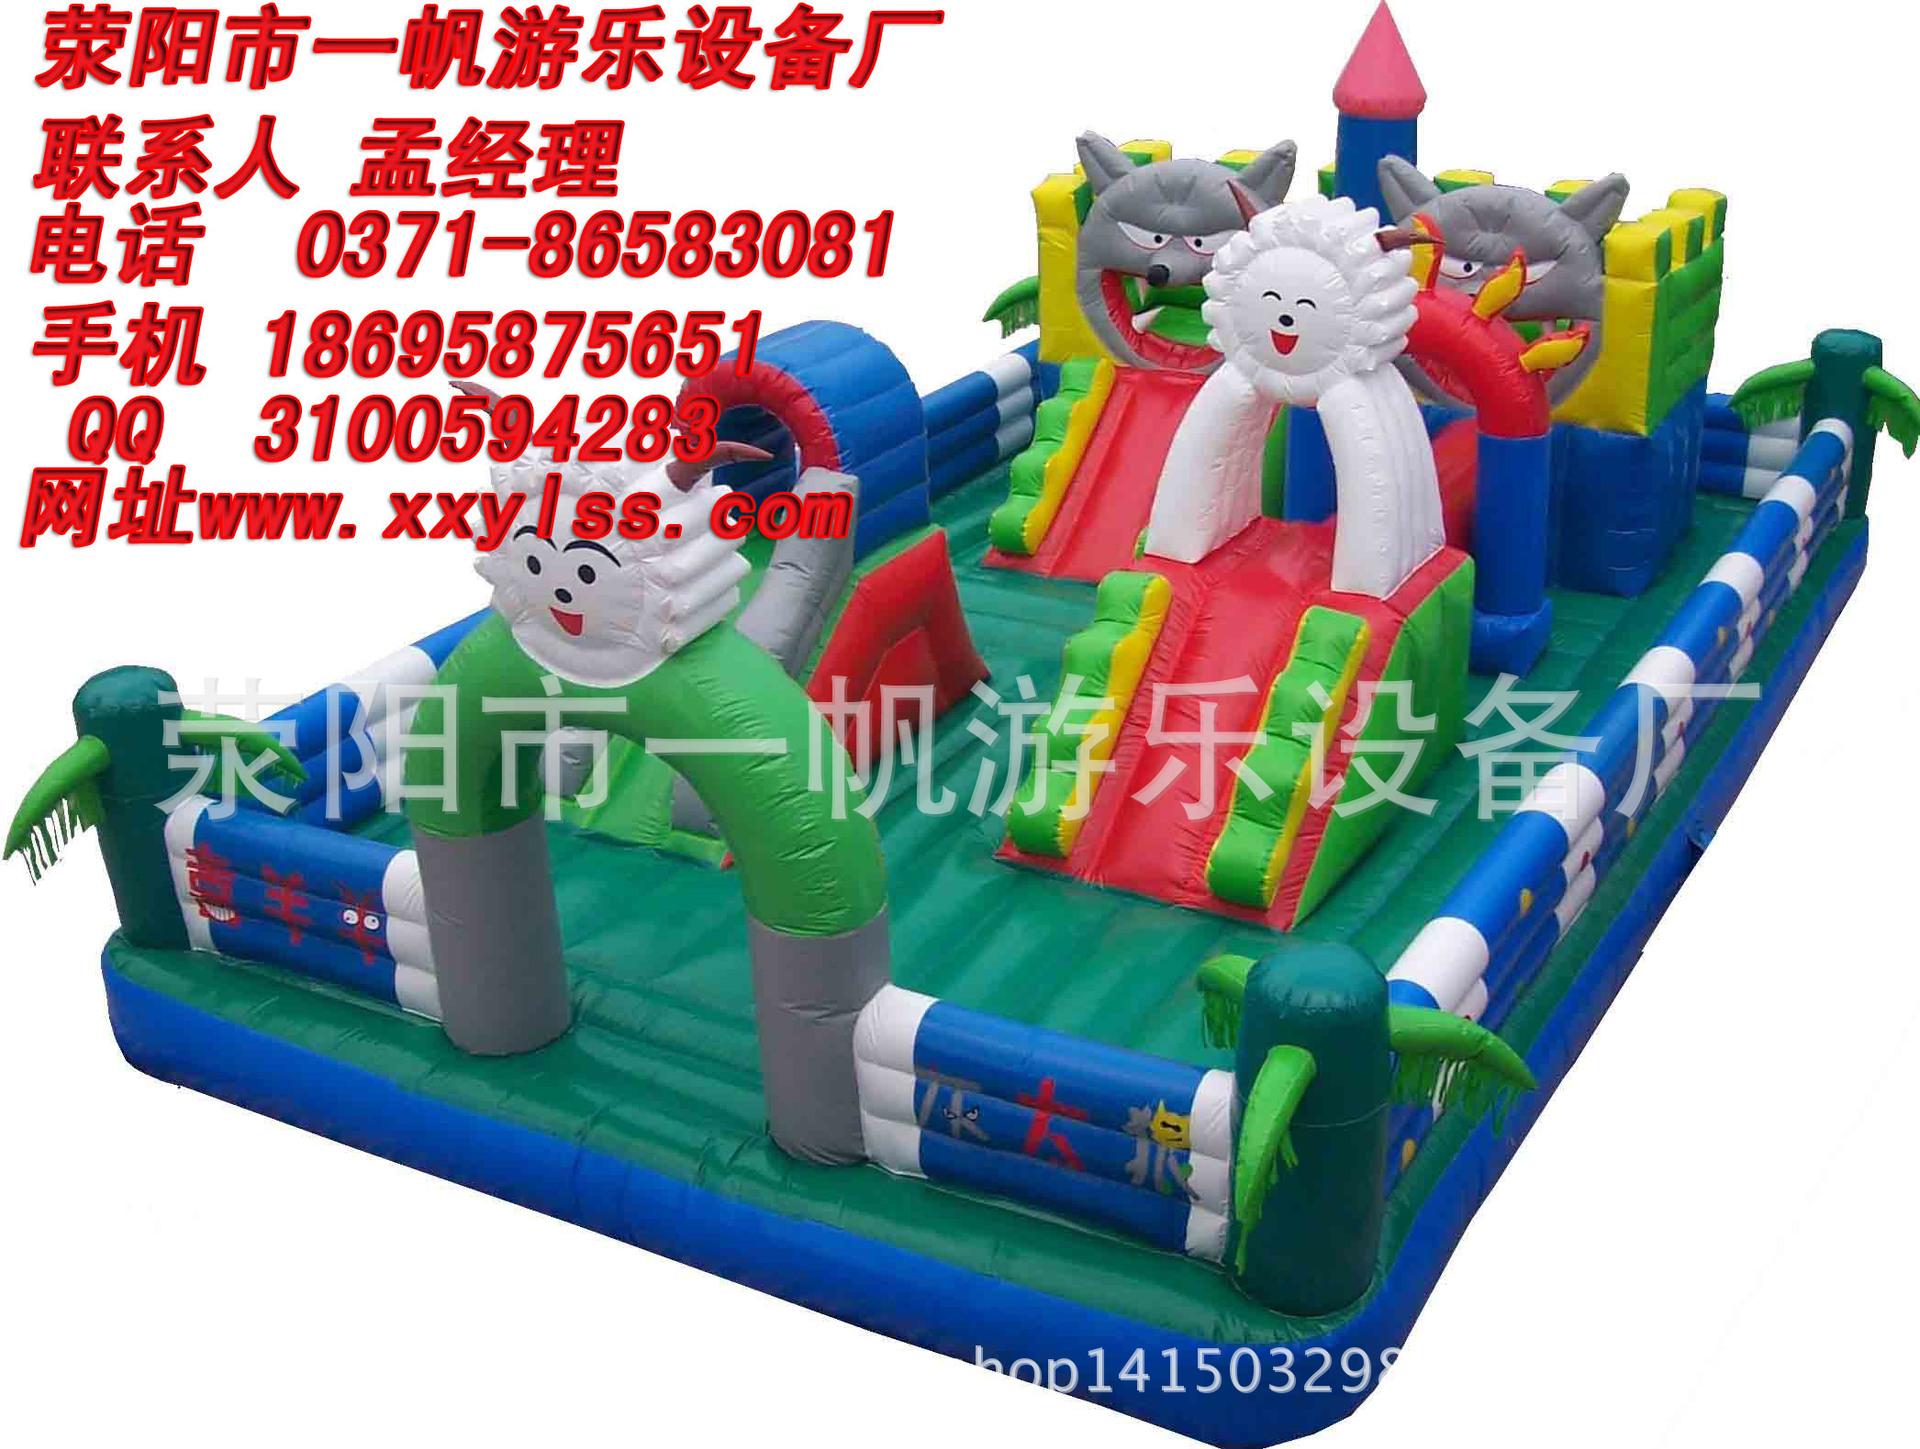 厂家直销充气城堡 充气滑梯 儿童充气蹦蹦床 充气跳床 质优